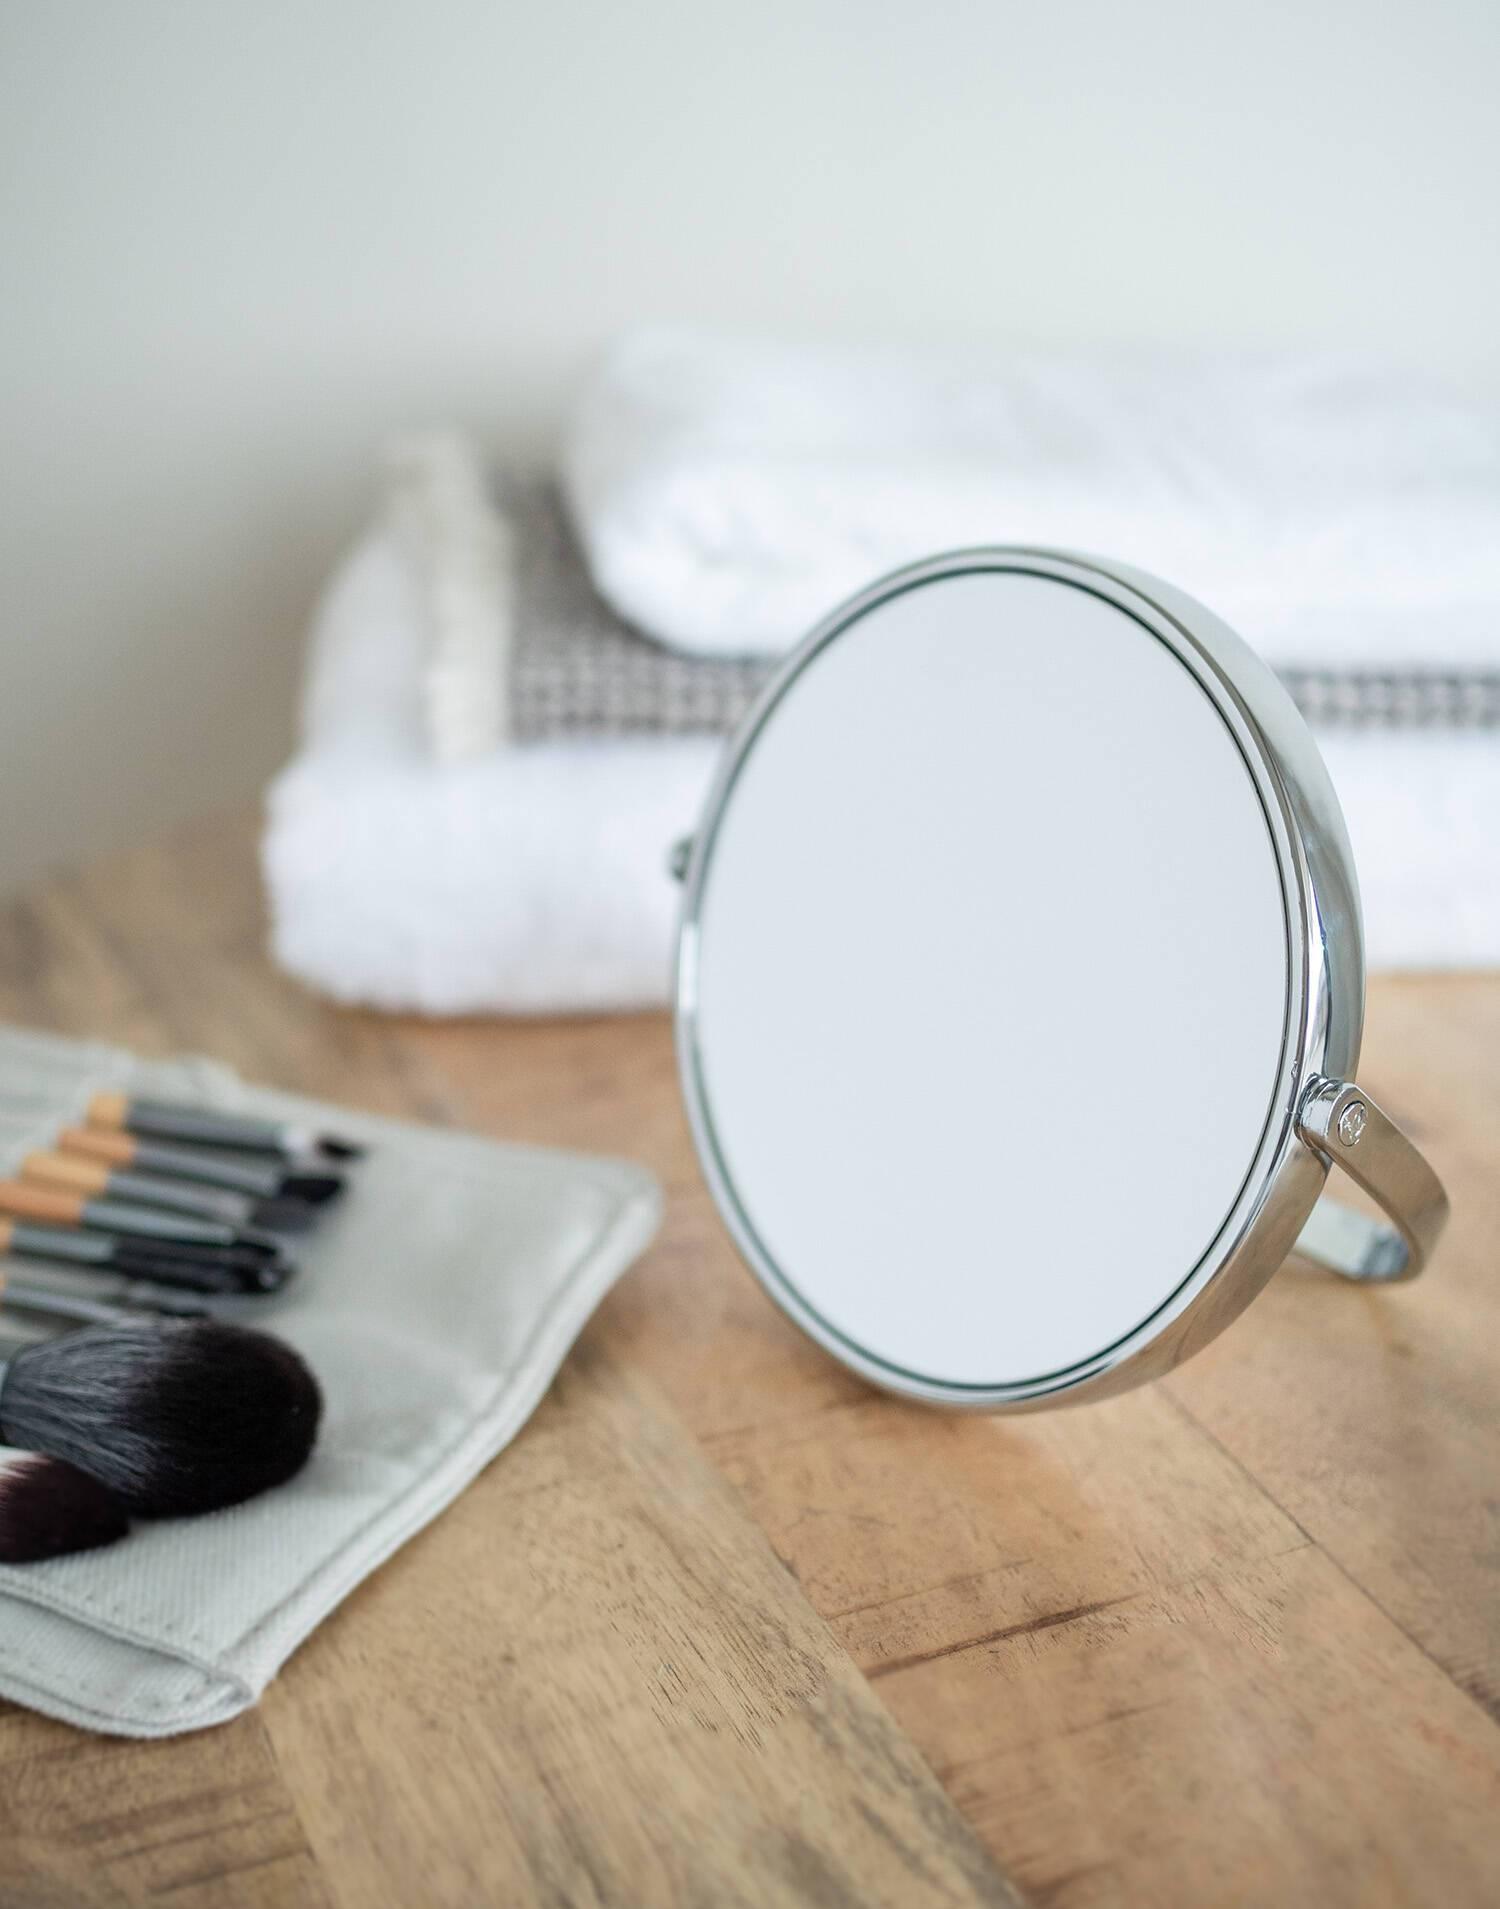 Big magnifying mirror x5